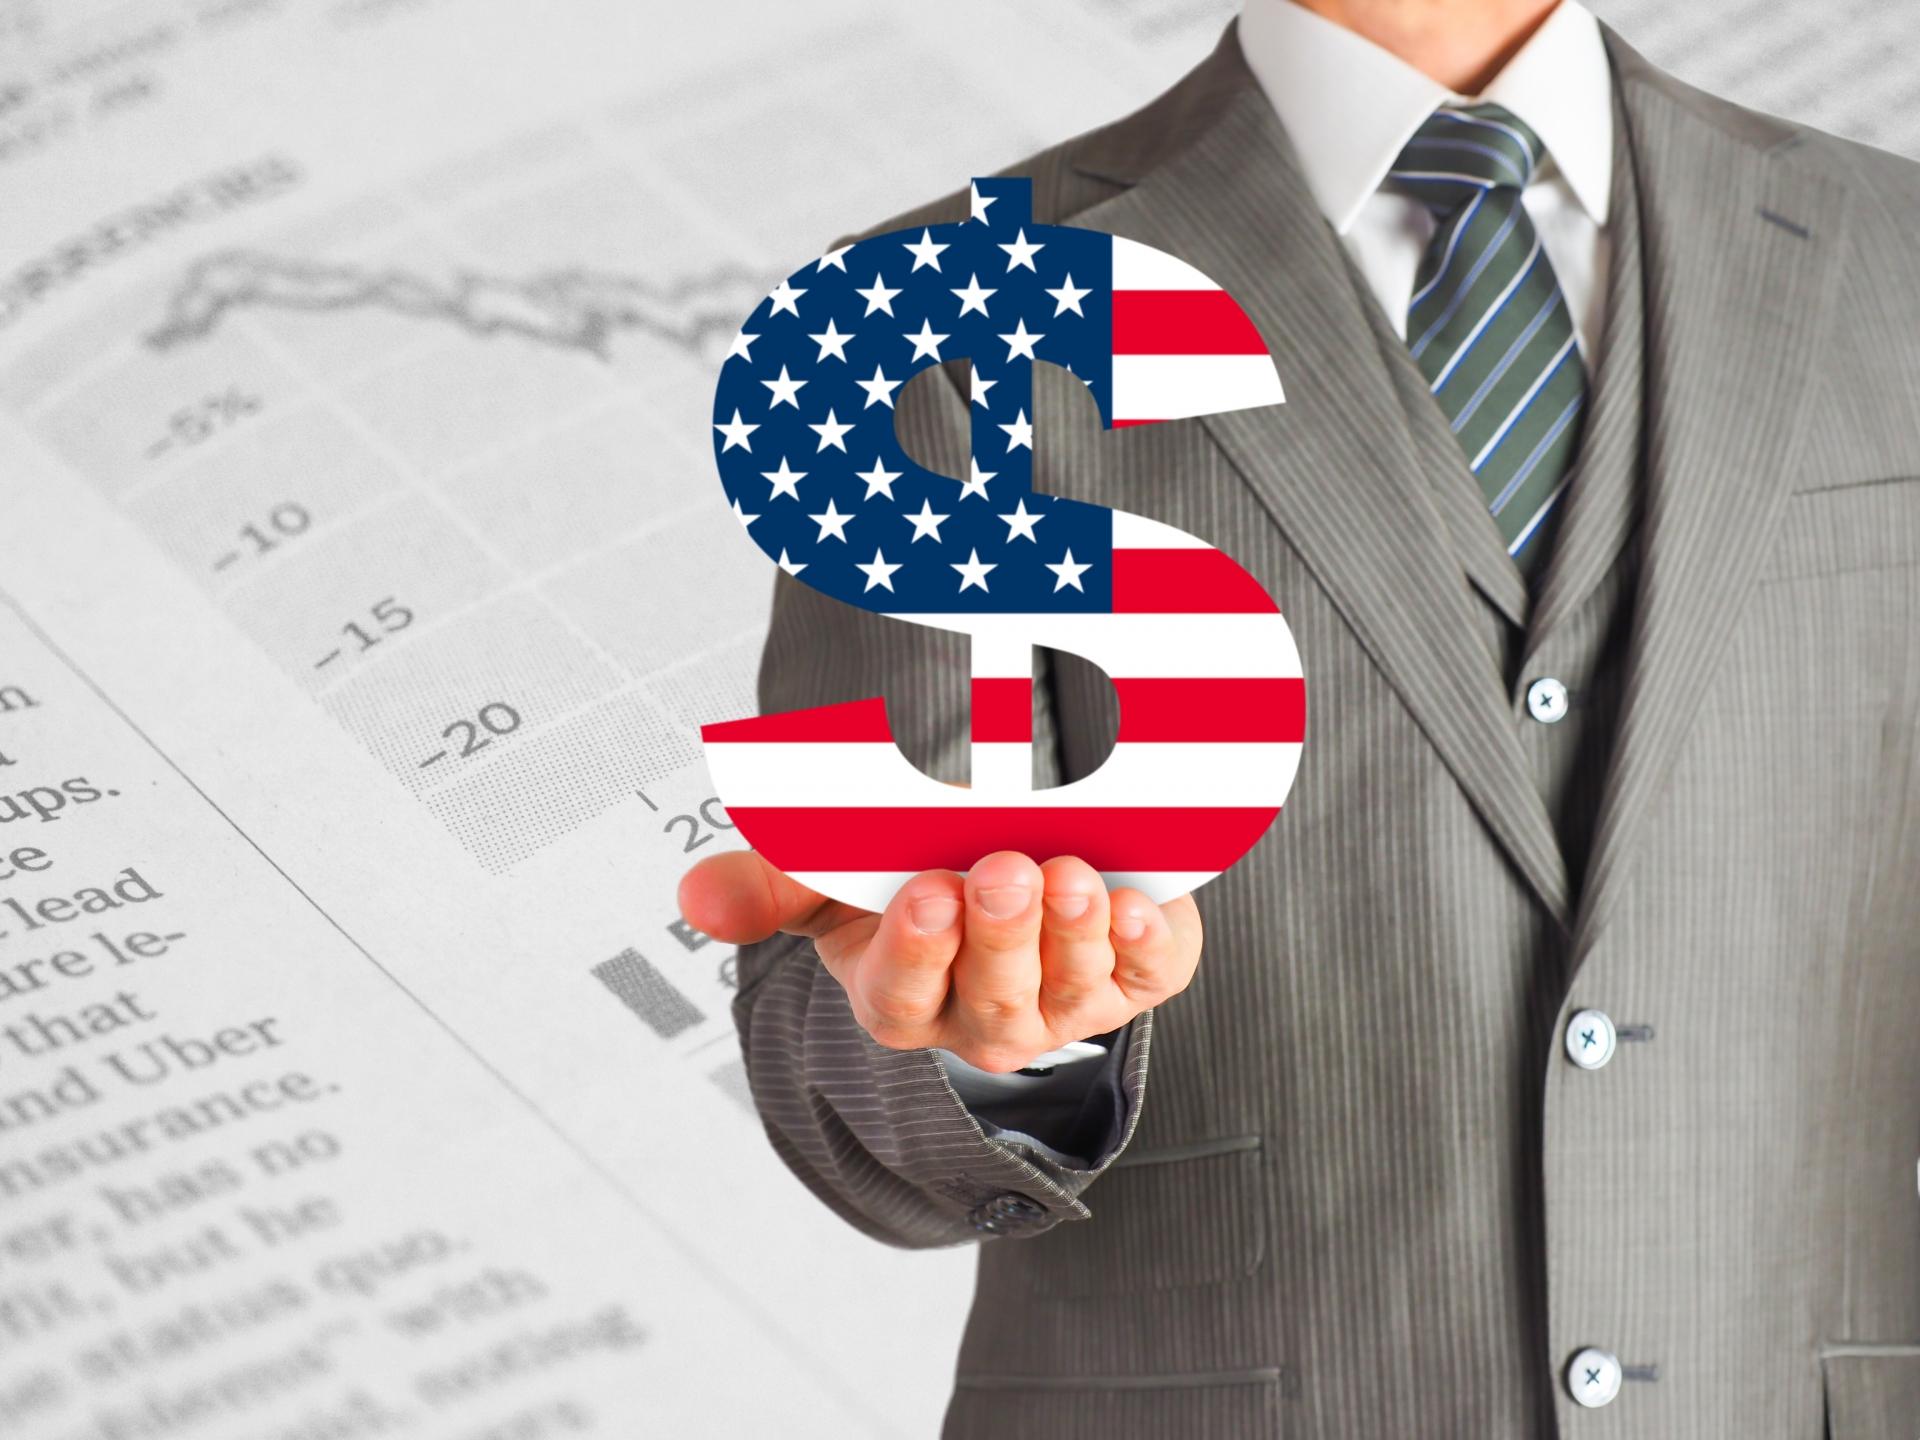 アメリカ経済の景気を知るための指標